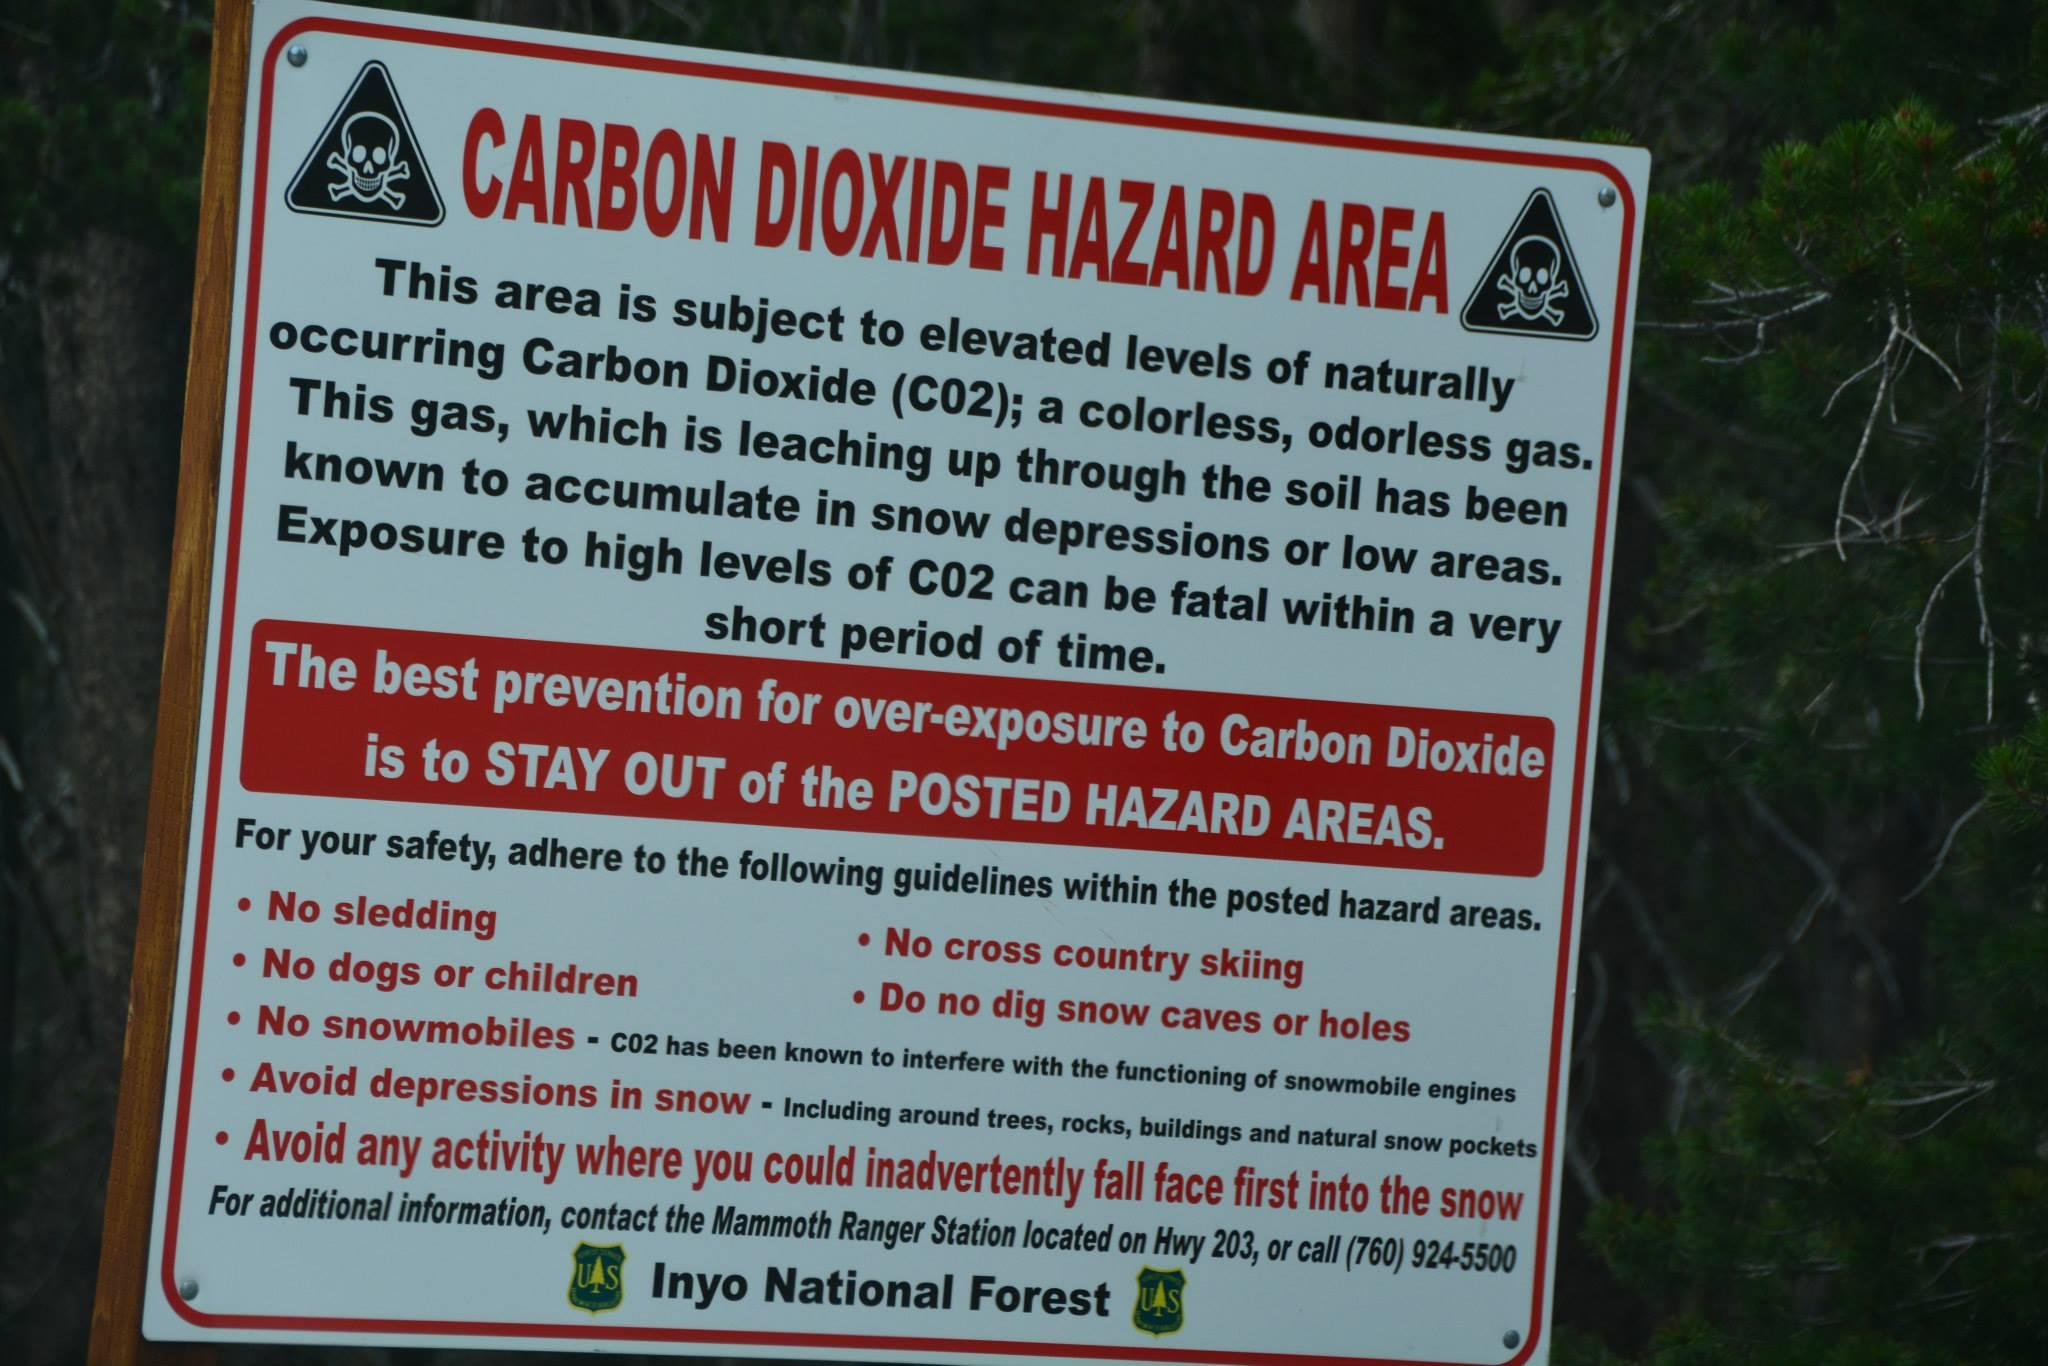 שלטי אזהרה מאוד בולטים אשר מזהירים אתכם מפני חשיפה